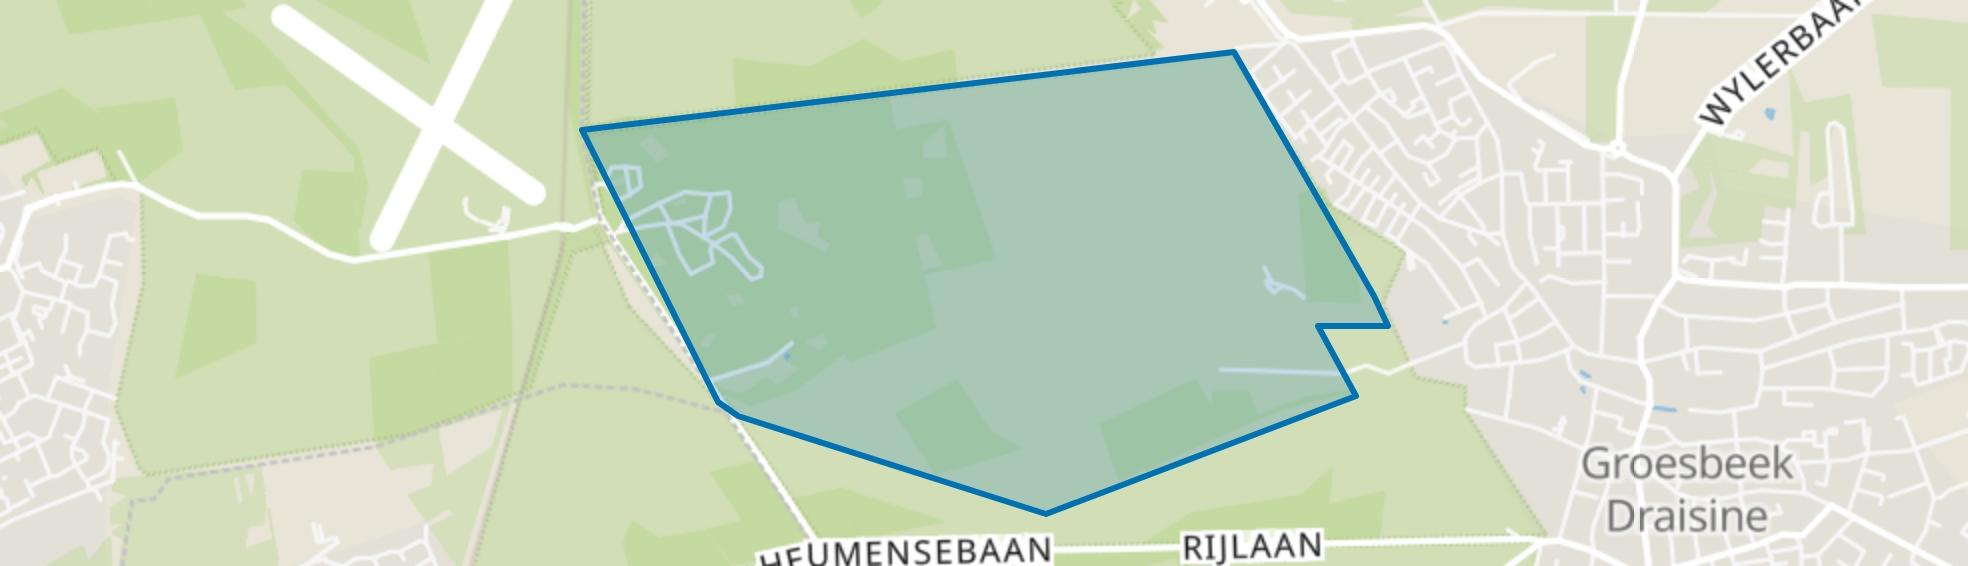 Buitengebied Groesbeek-Midden-West, Groesbeek map